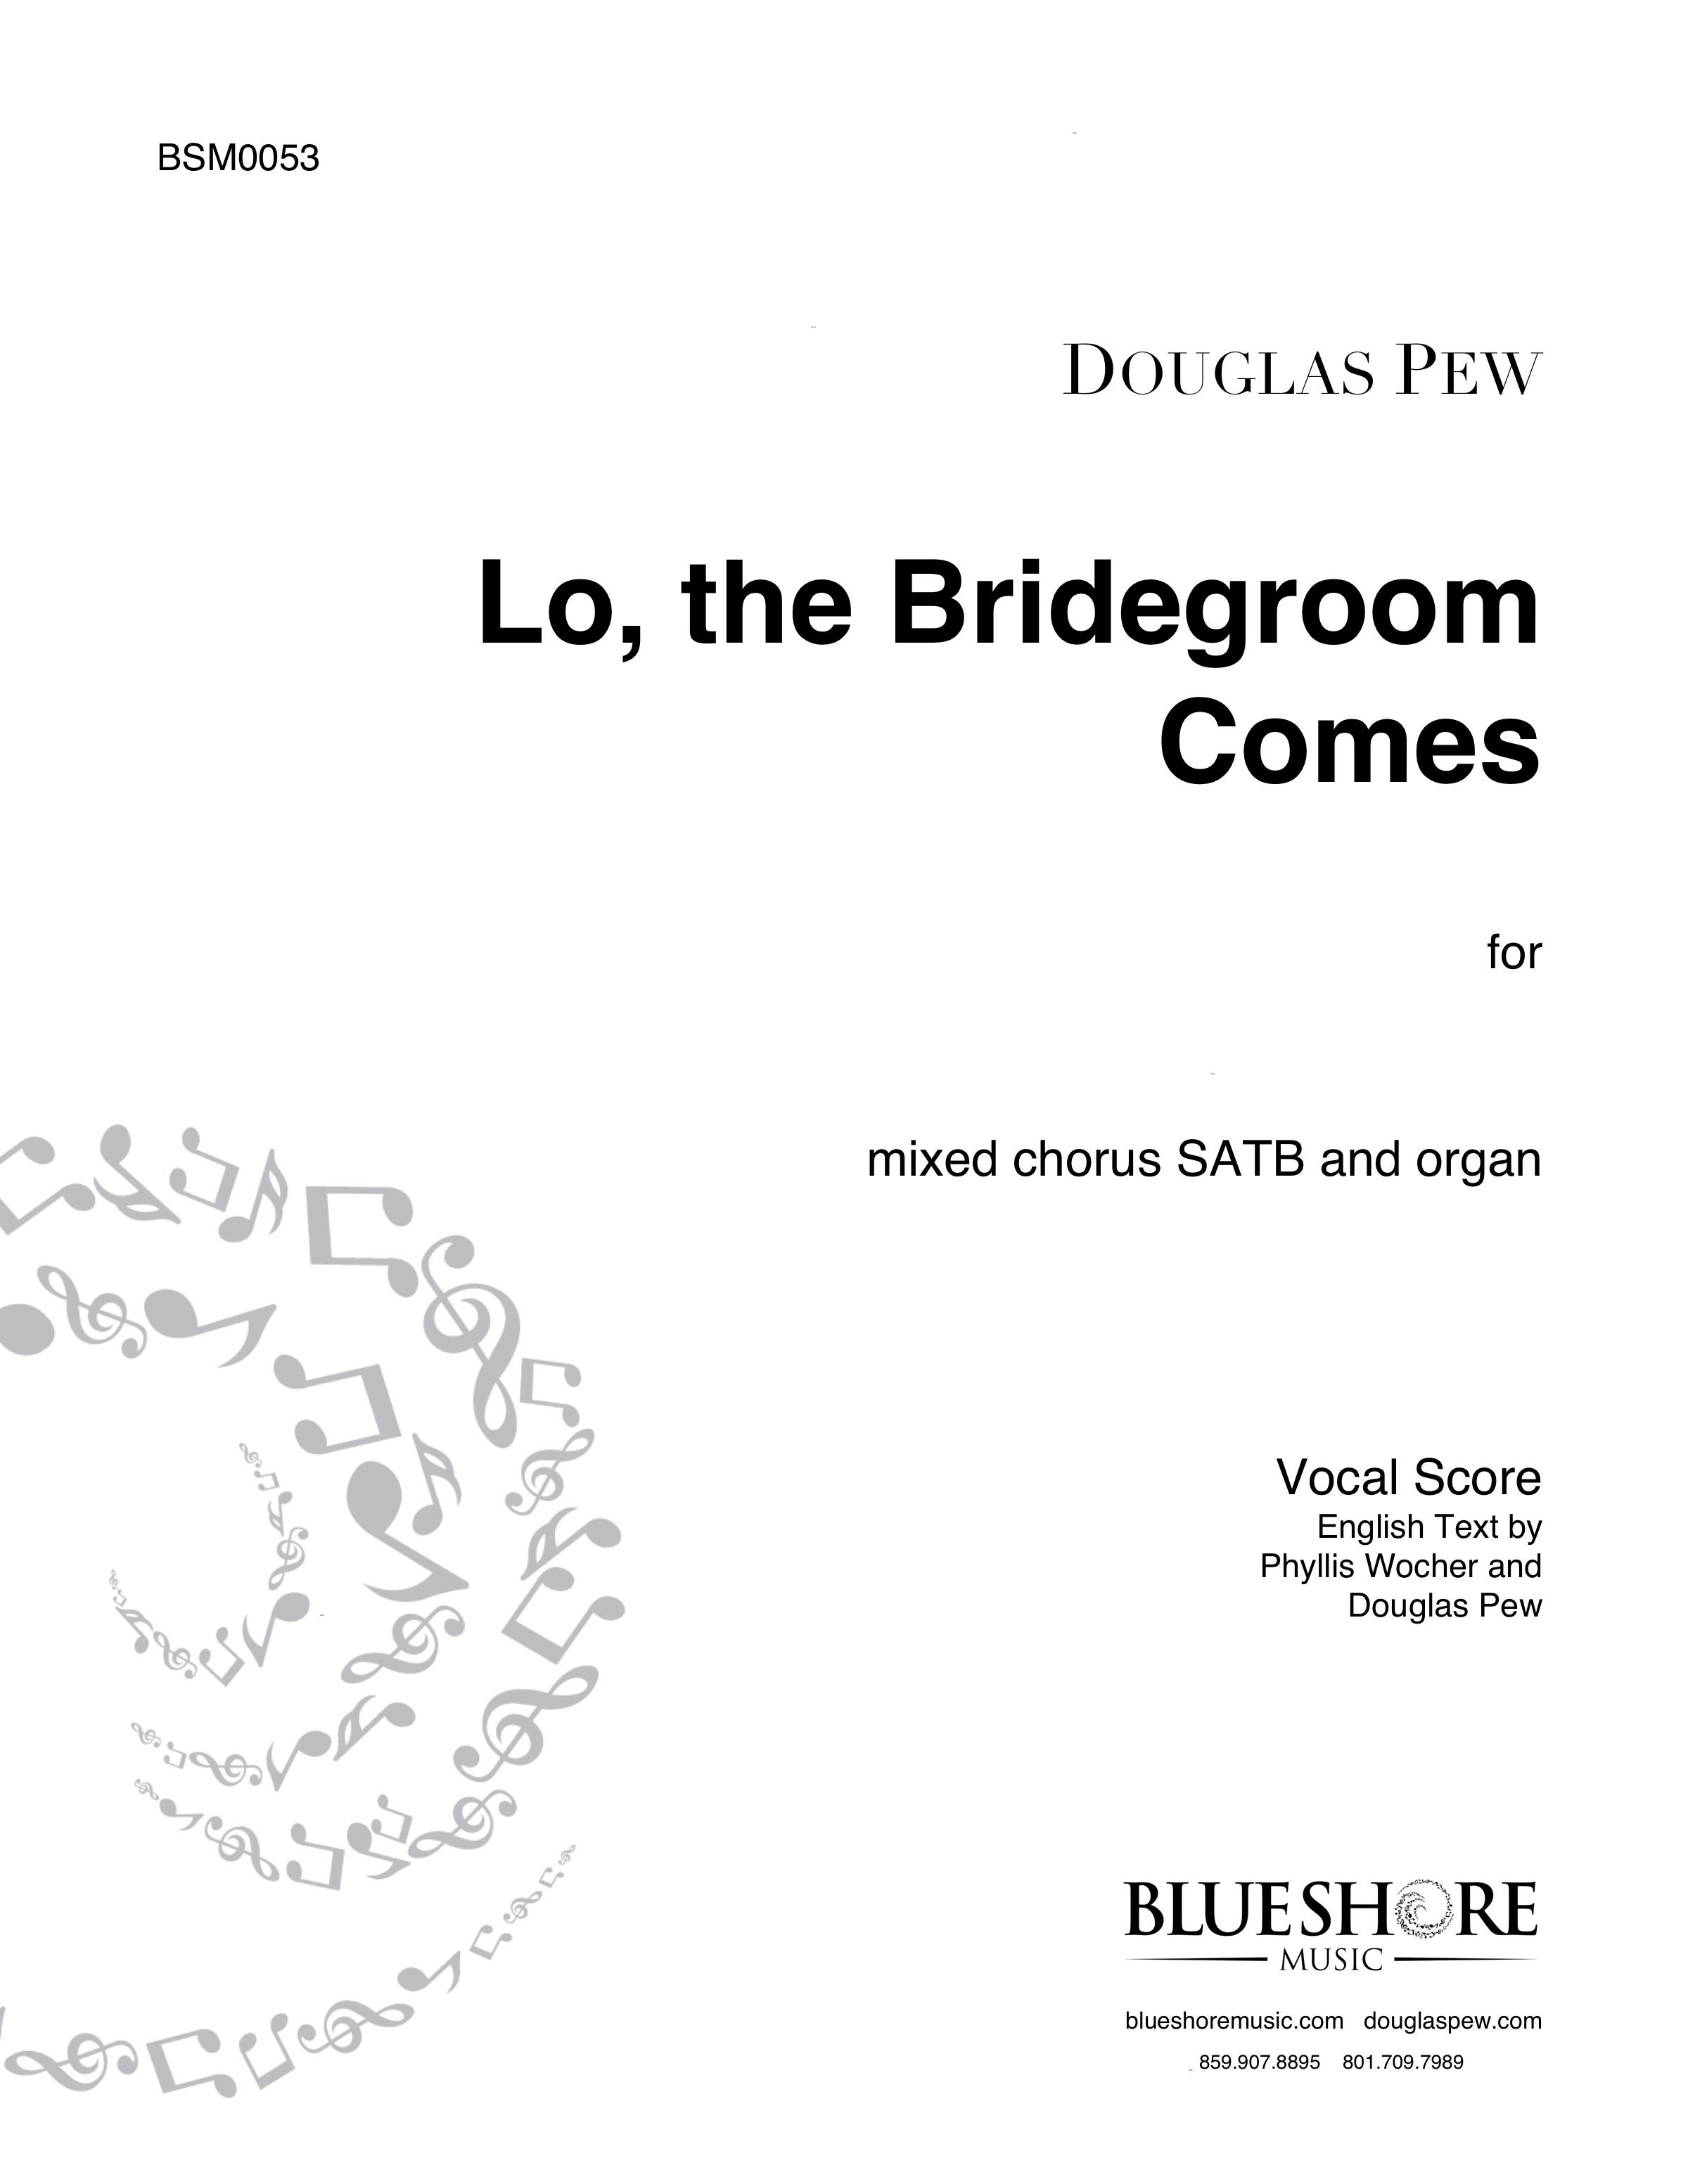 Lo, The Bridegroom Comes -  *COMING SOON*